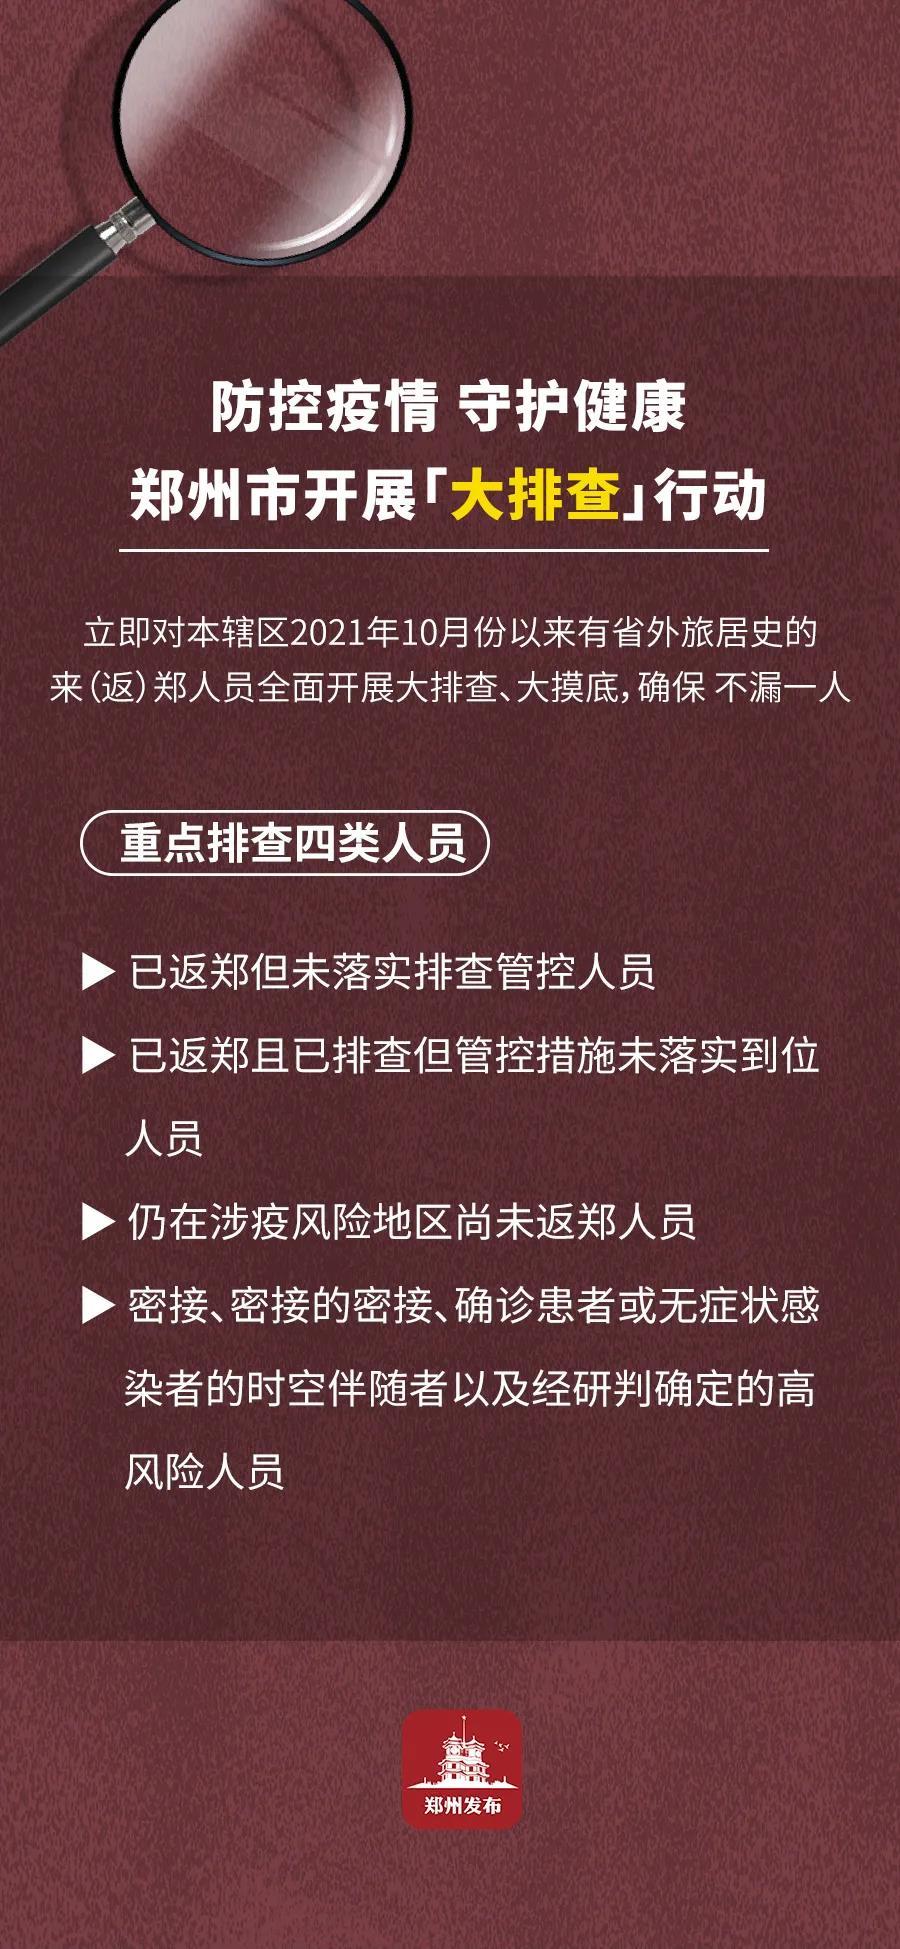 """注意!郑州将开展疫情防控 """"大排查"""" 重点排查四类人员_城市_中原网视台"""